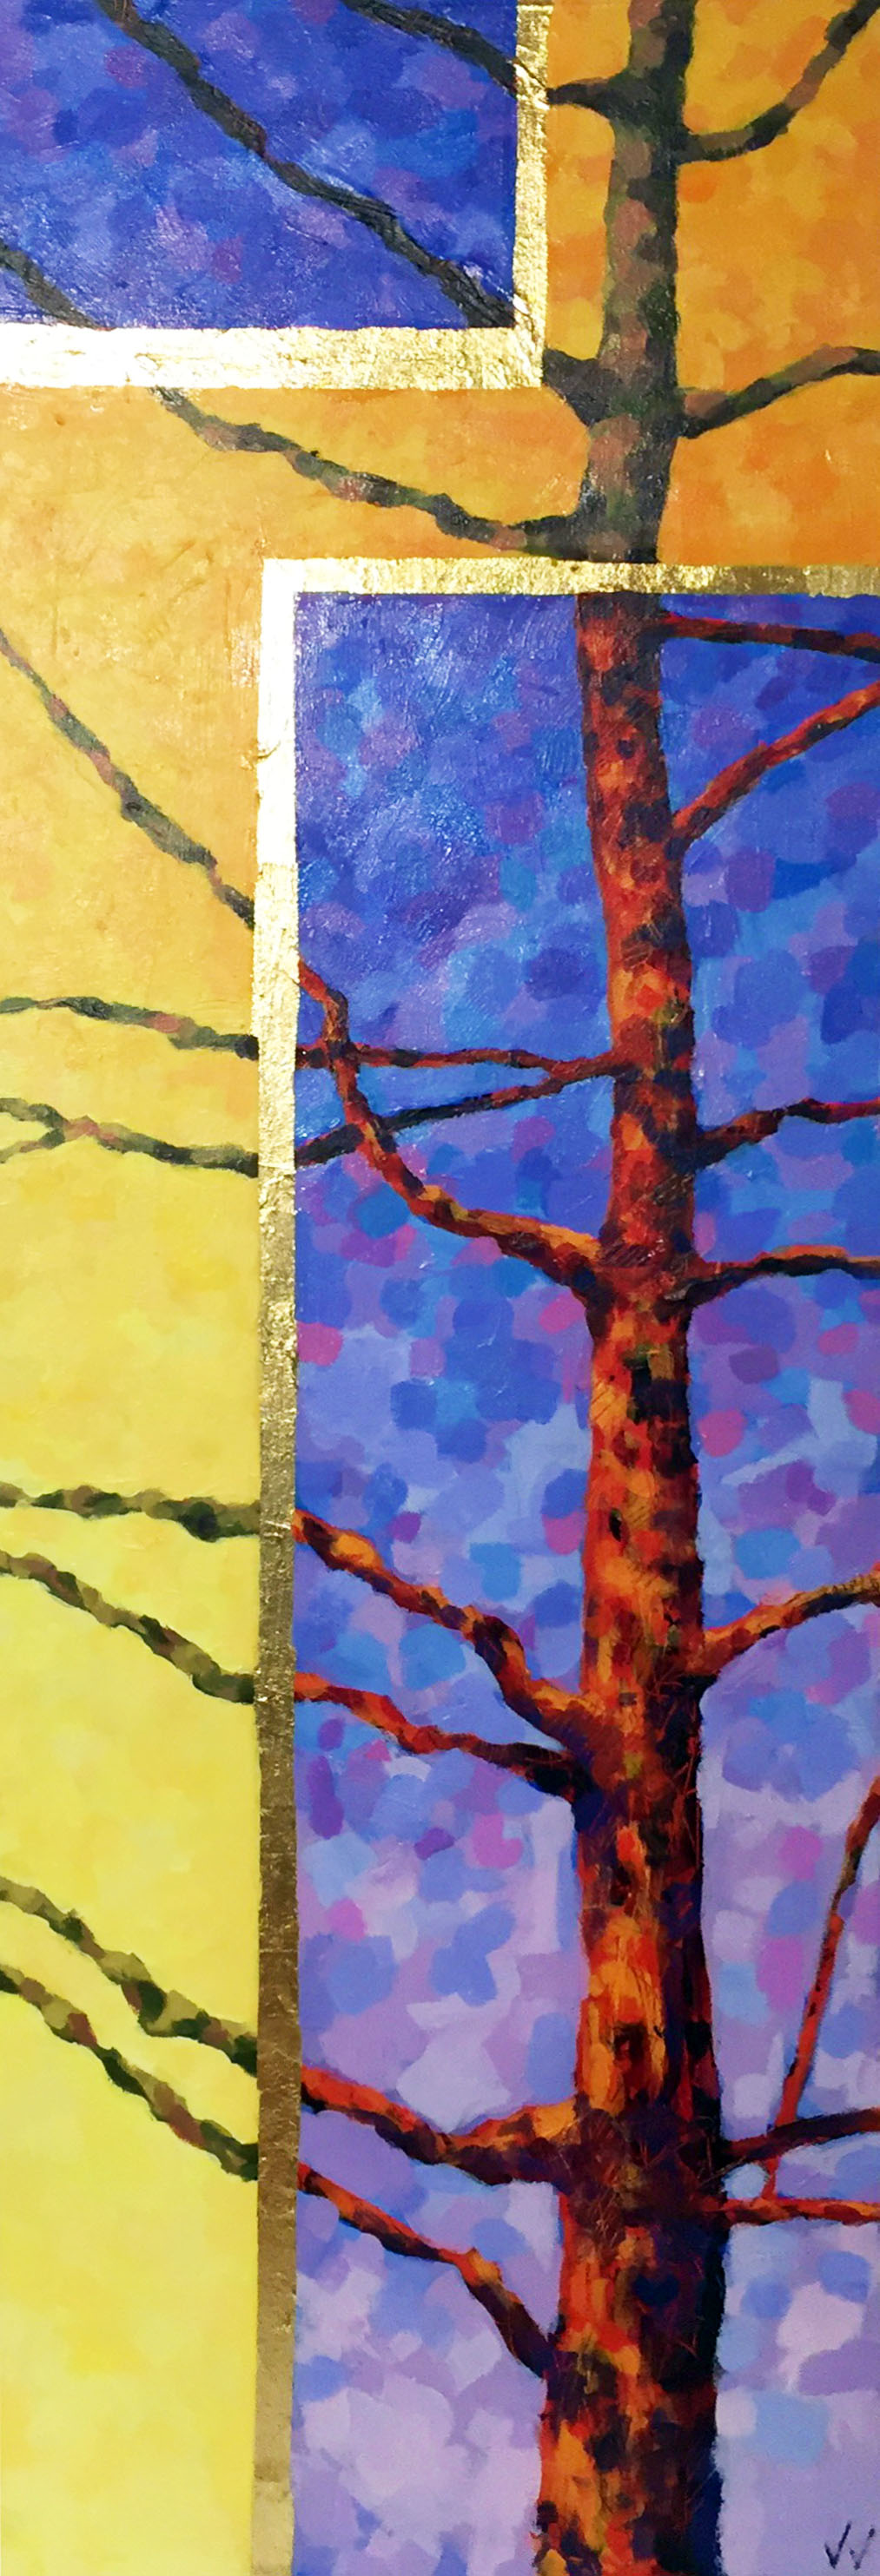 Tree Textures